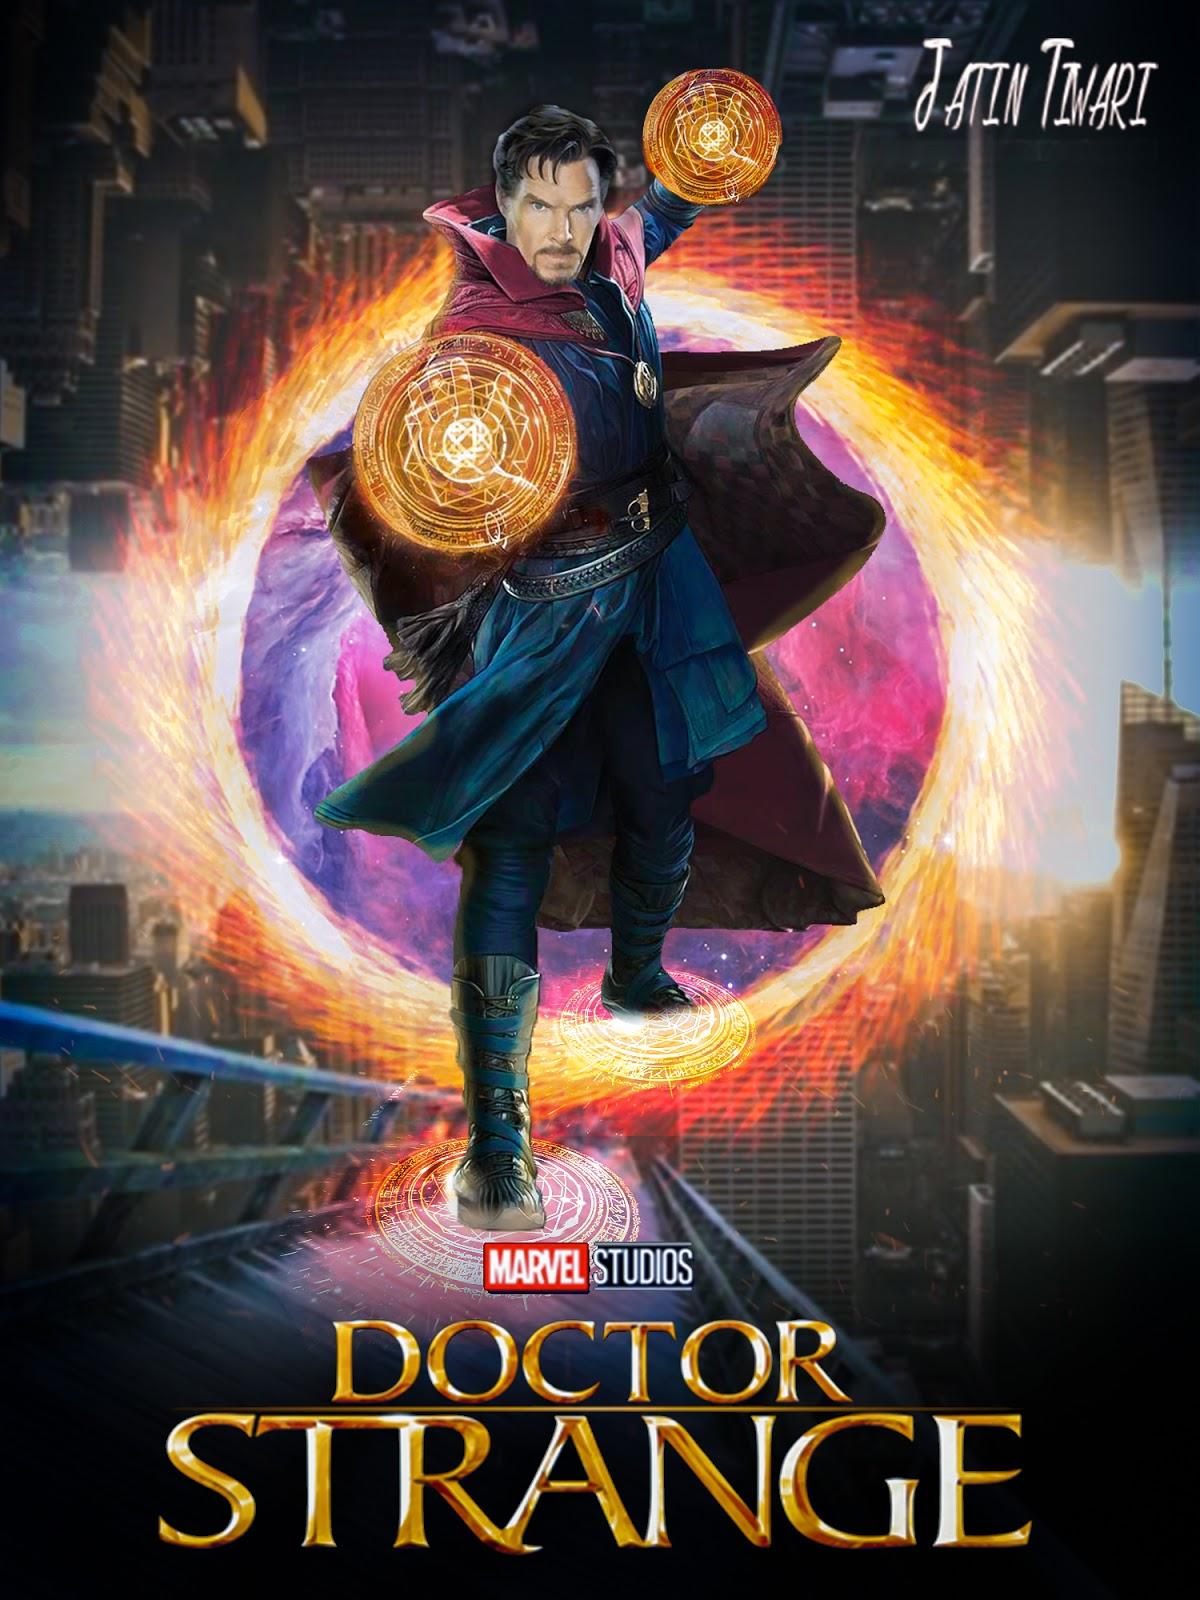 Free Download Doctor Strange Movie Poster Design